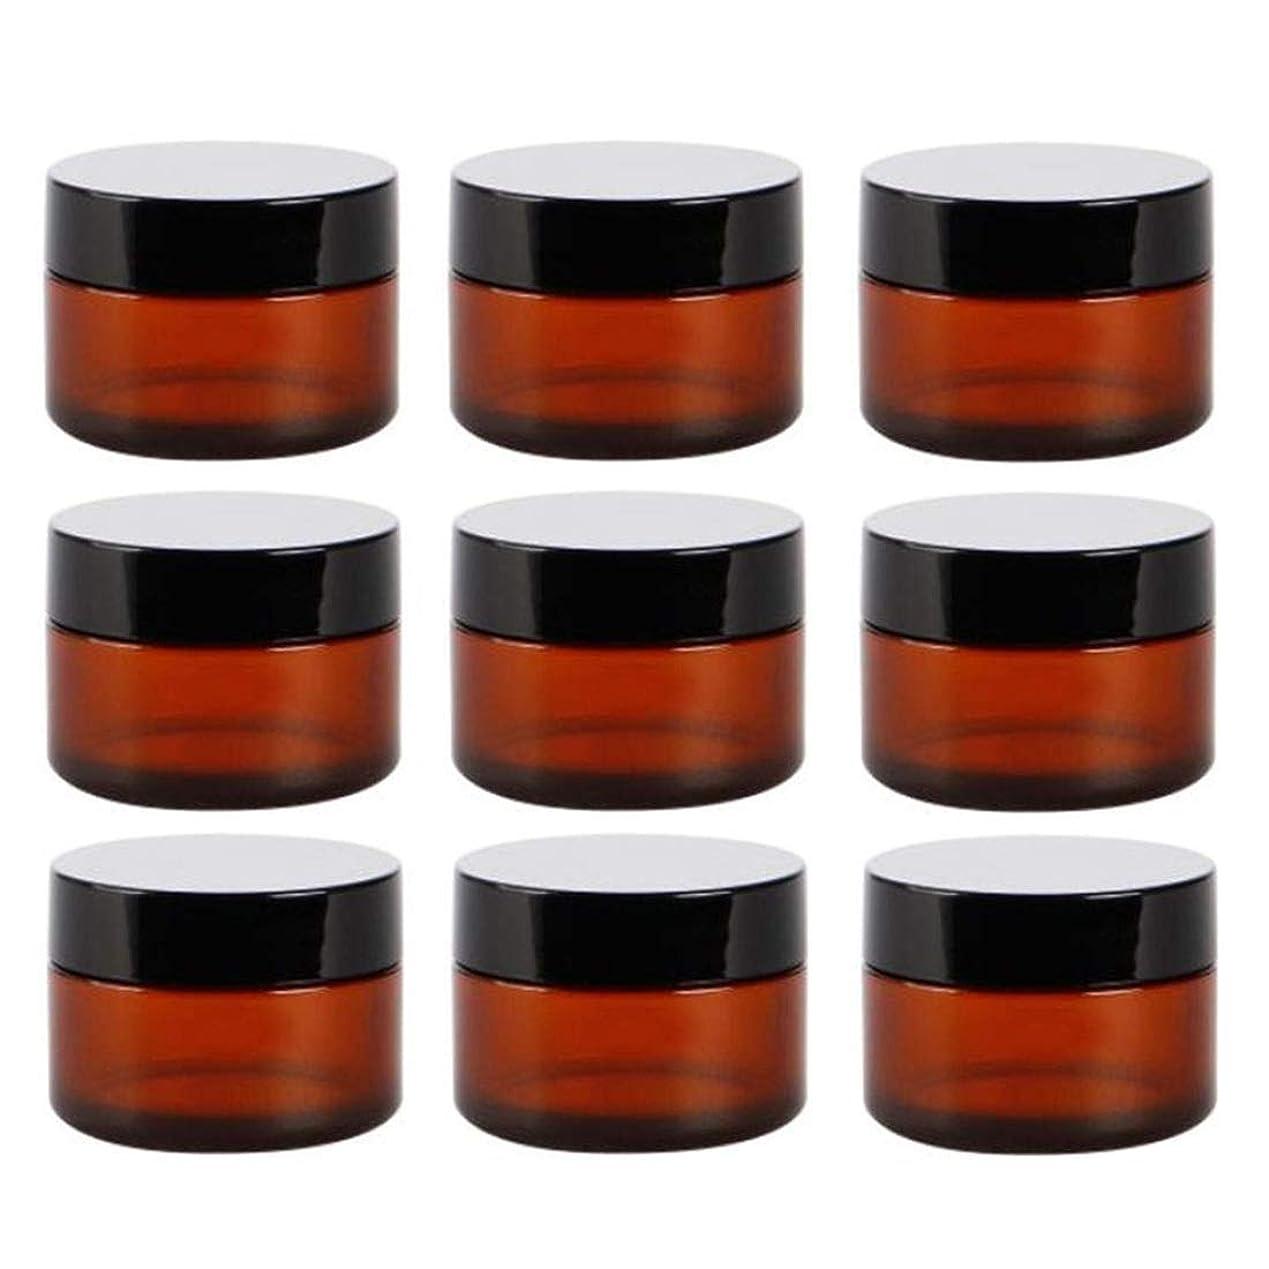 電化する返還追い付くアロマオイル 精油 香水やアロマの保存 小分け用 遮光瓶 詰替え ガラス製 9本セット茶色10g